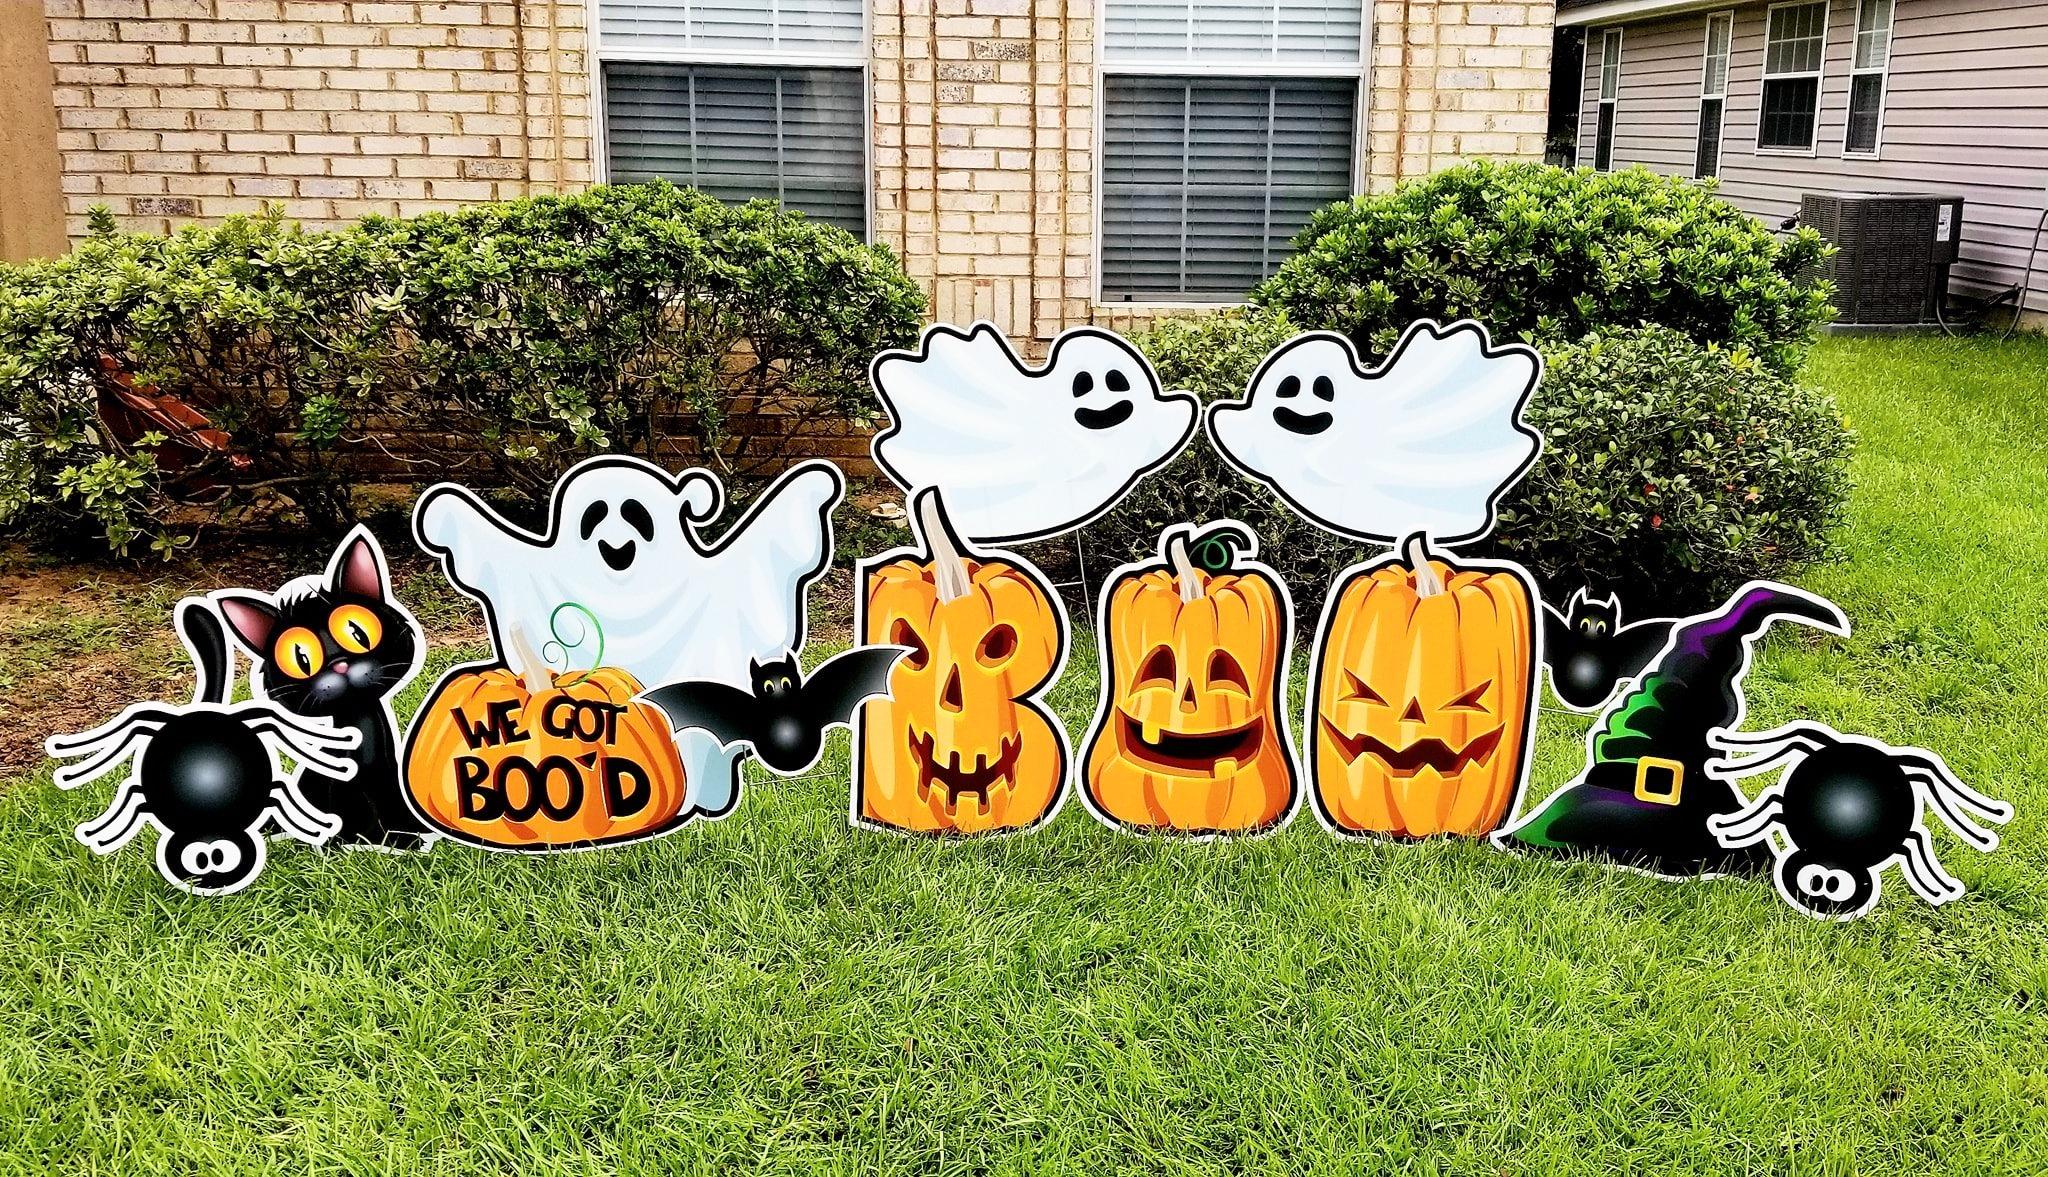 Send a Boo!